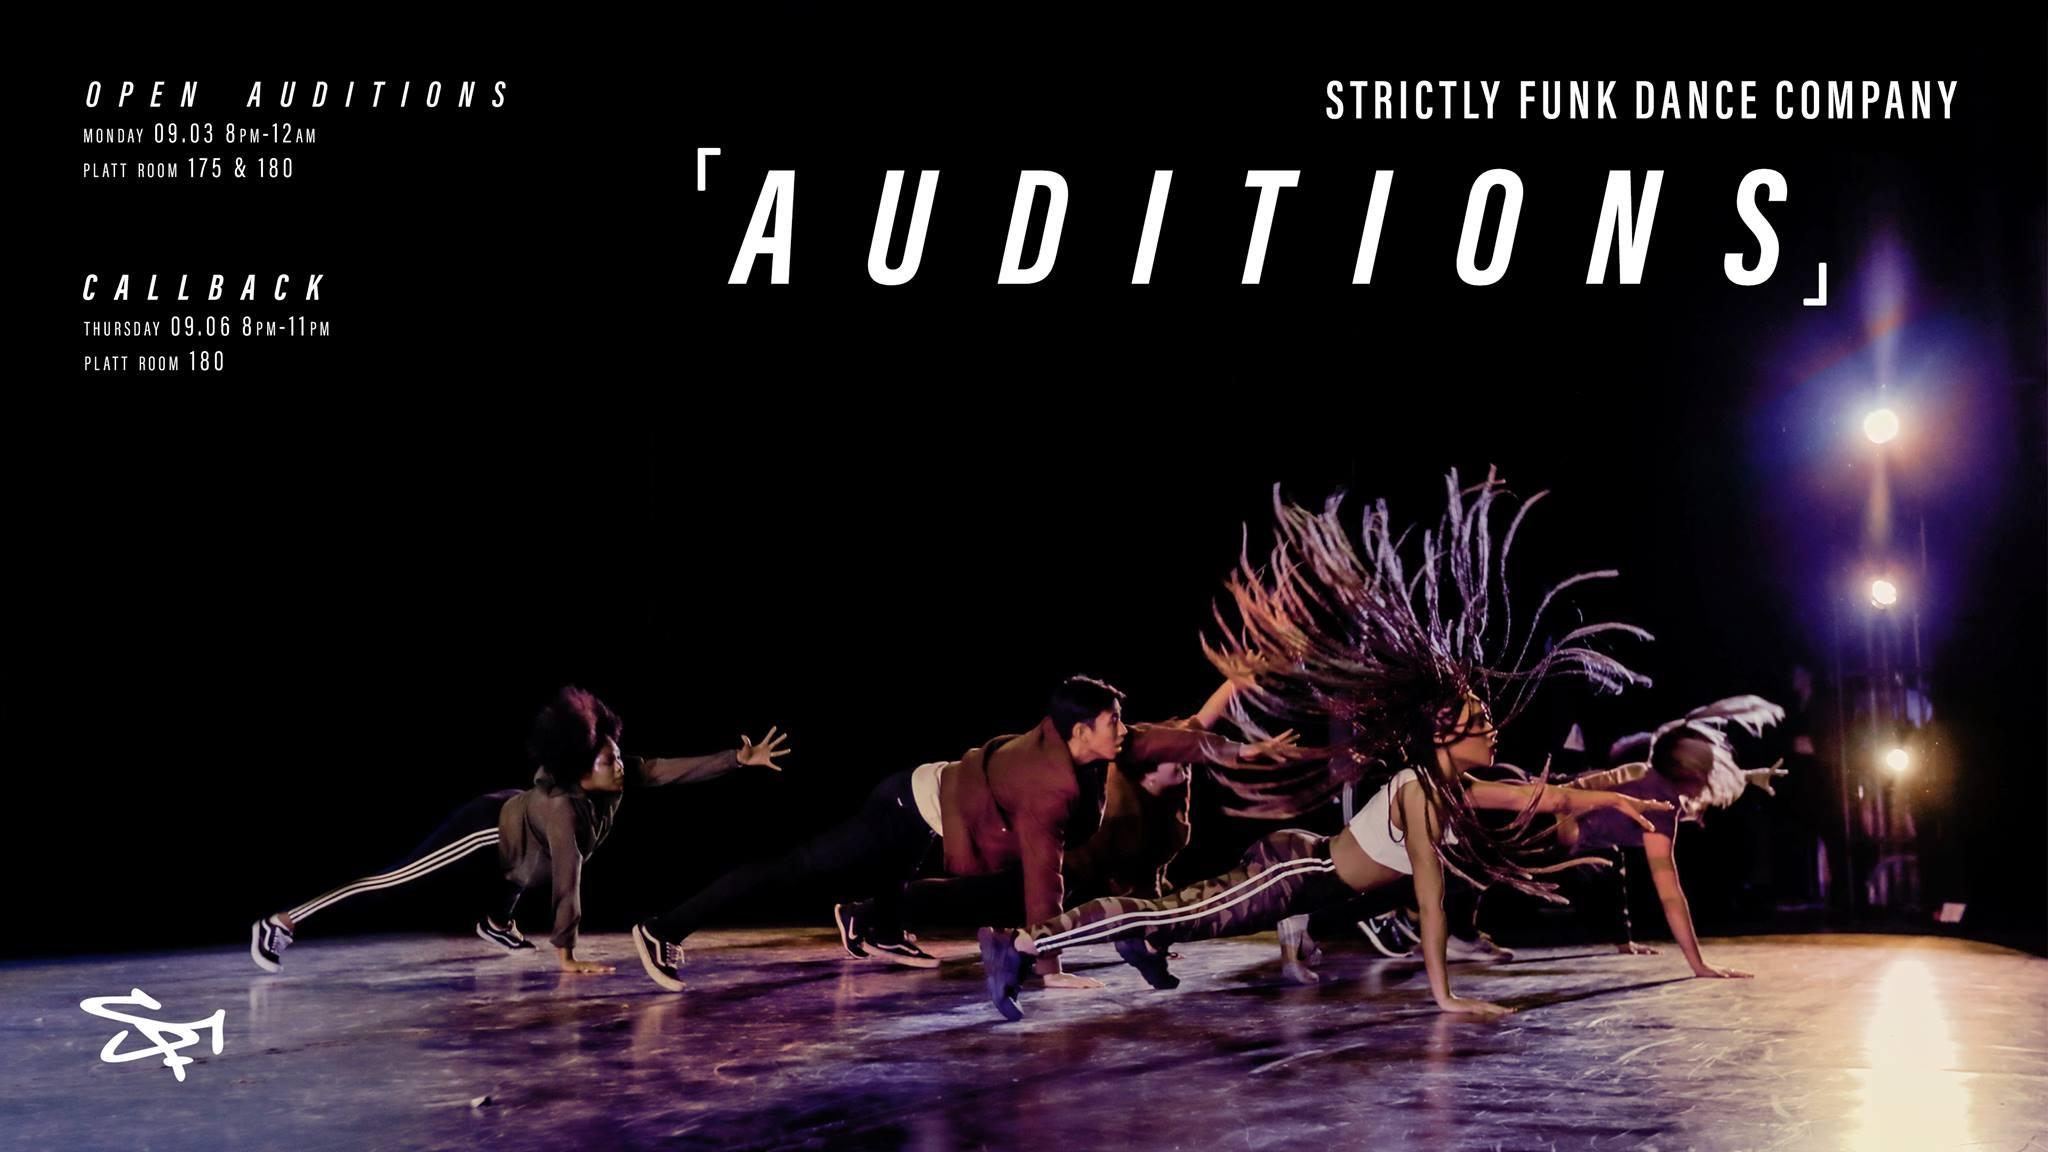 Strictly Funk Dance Company | LinkedIn